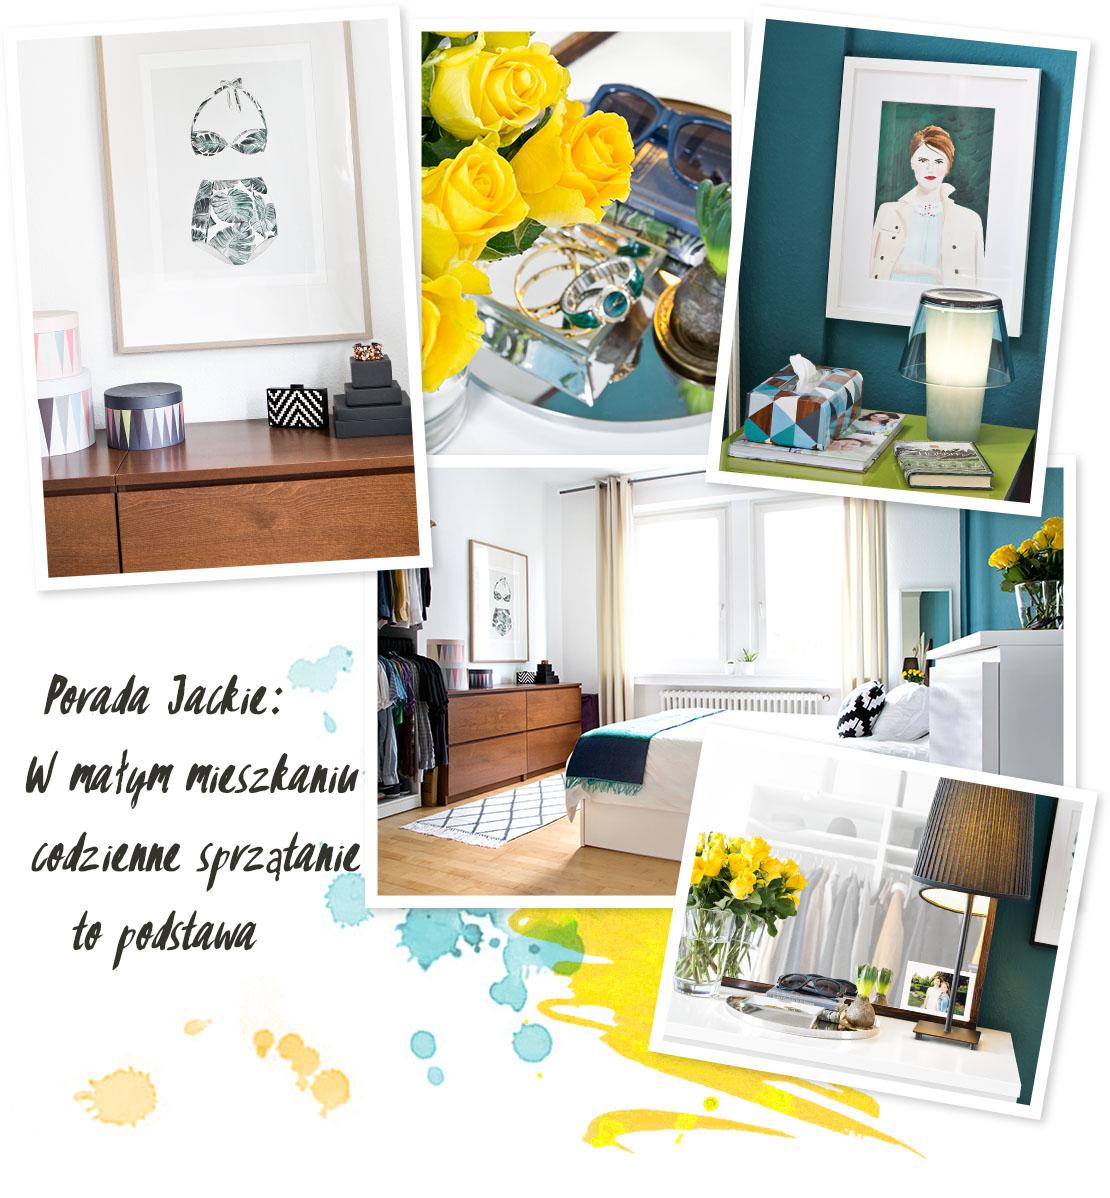 urządź mieszkanie w artystycznym stylu